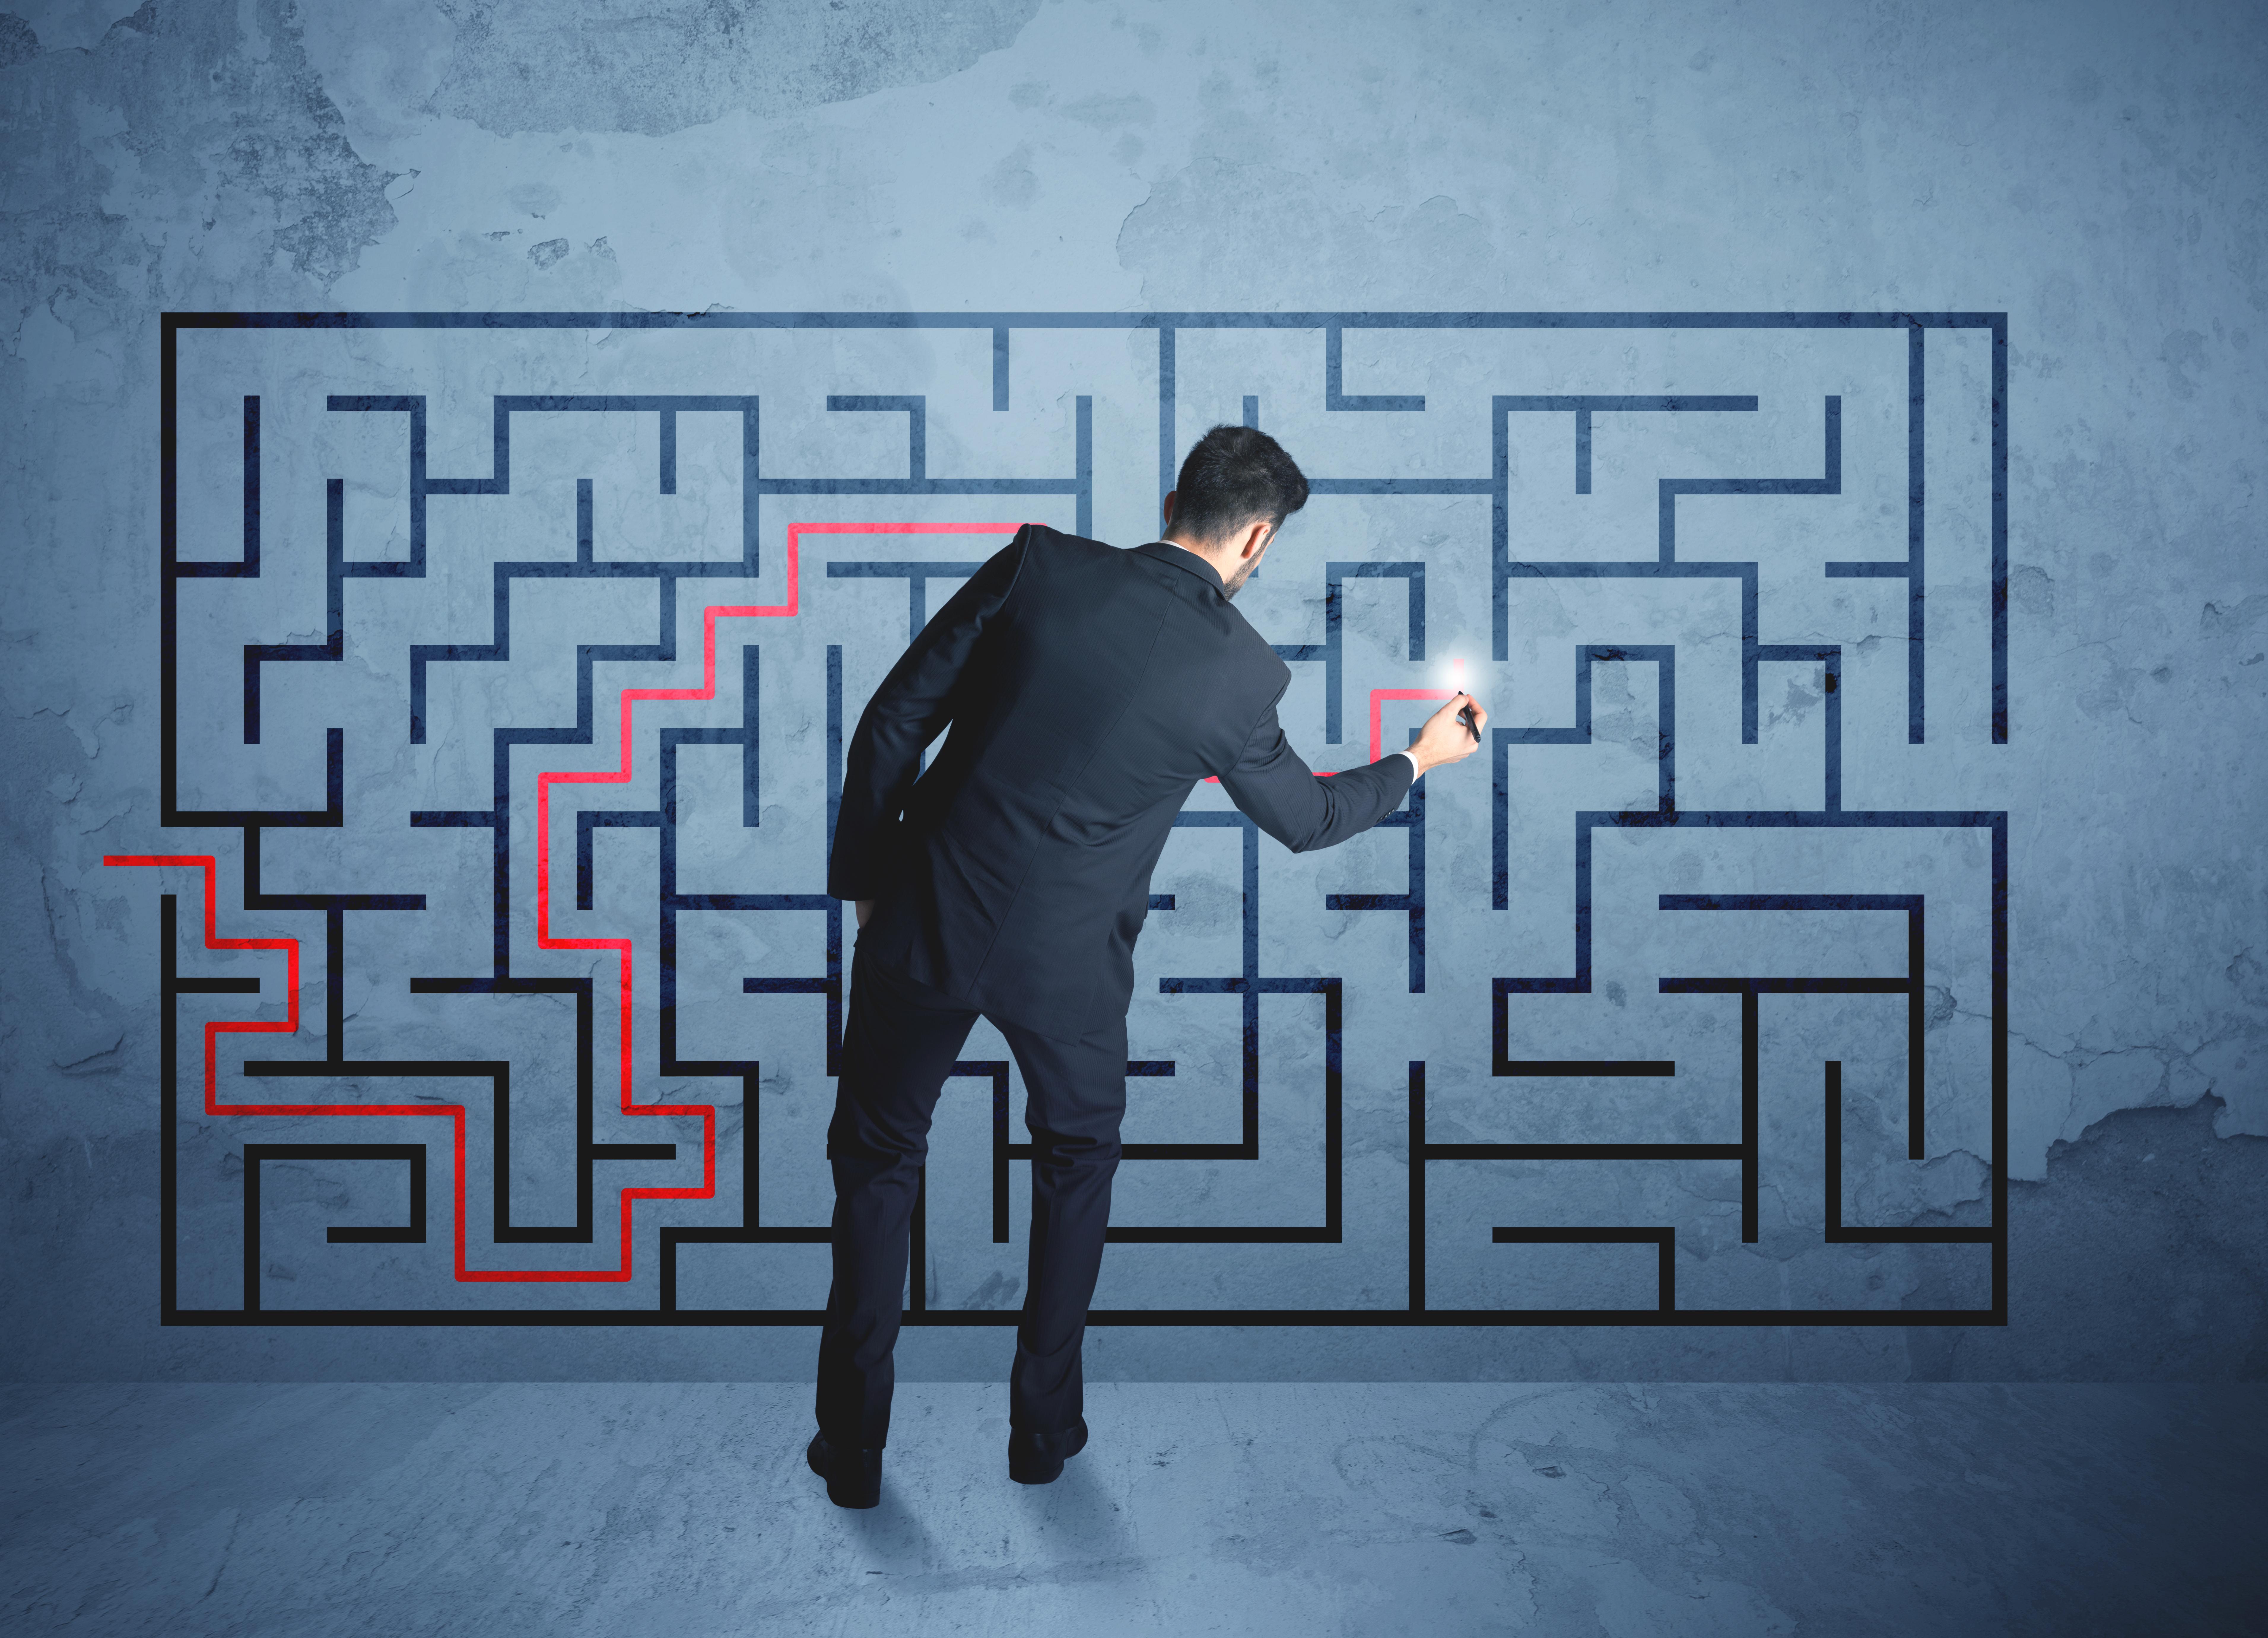 Poiščite pot iz labirinta podatkov!